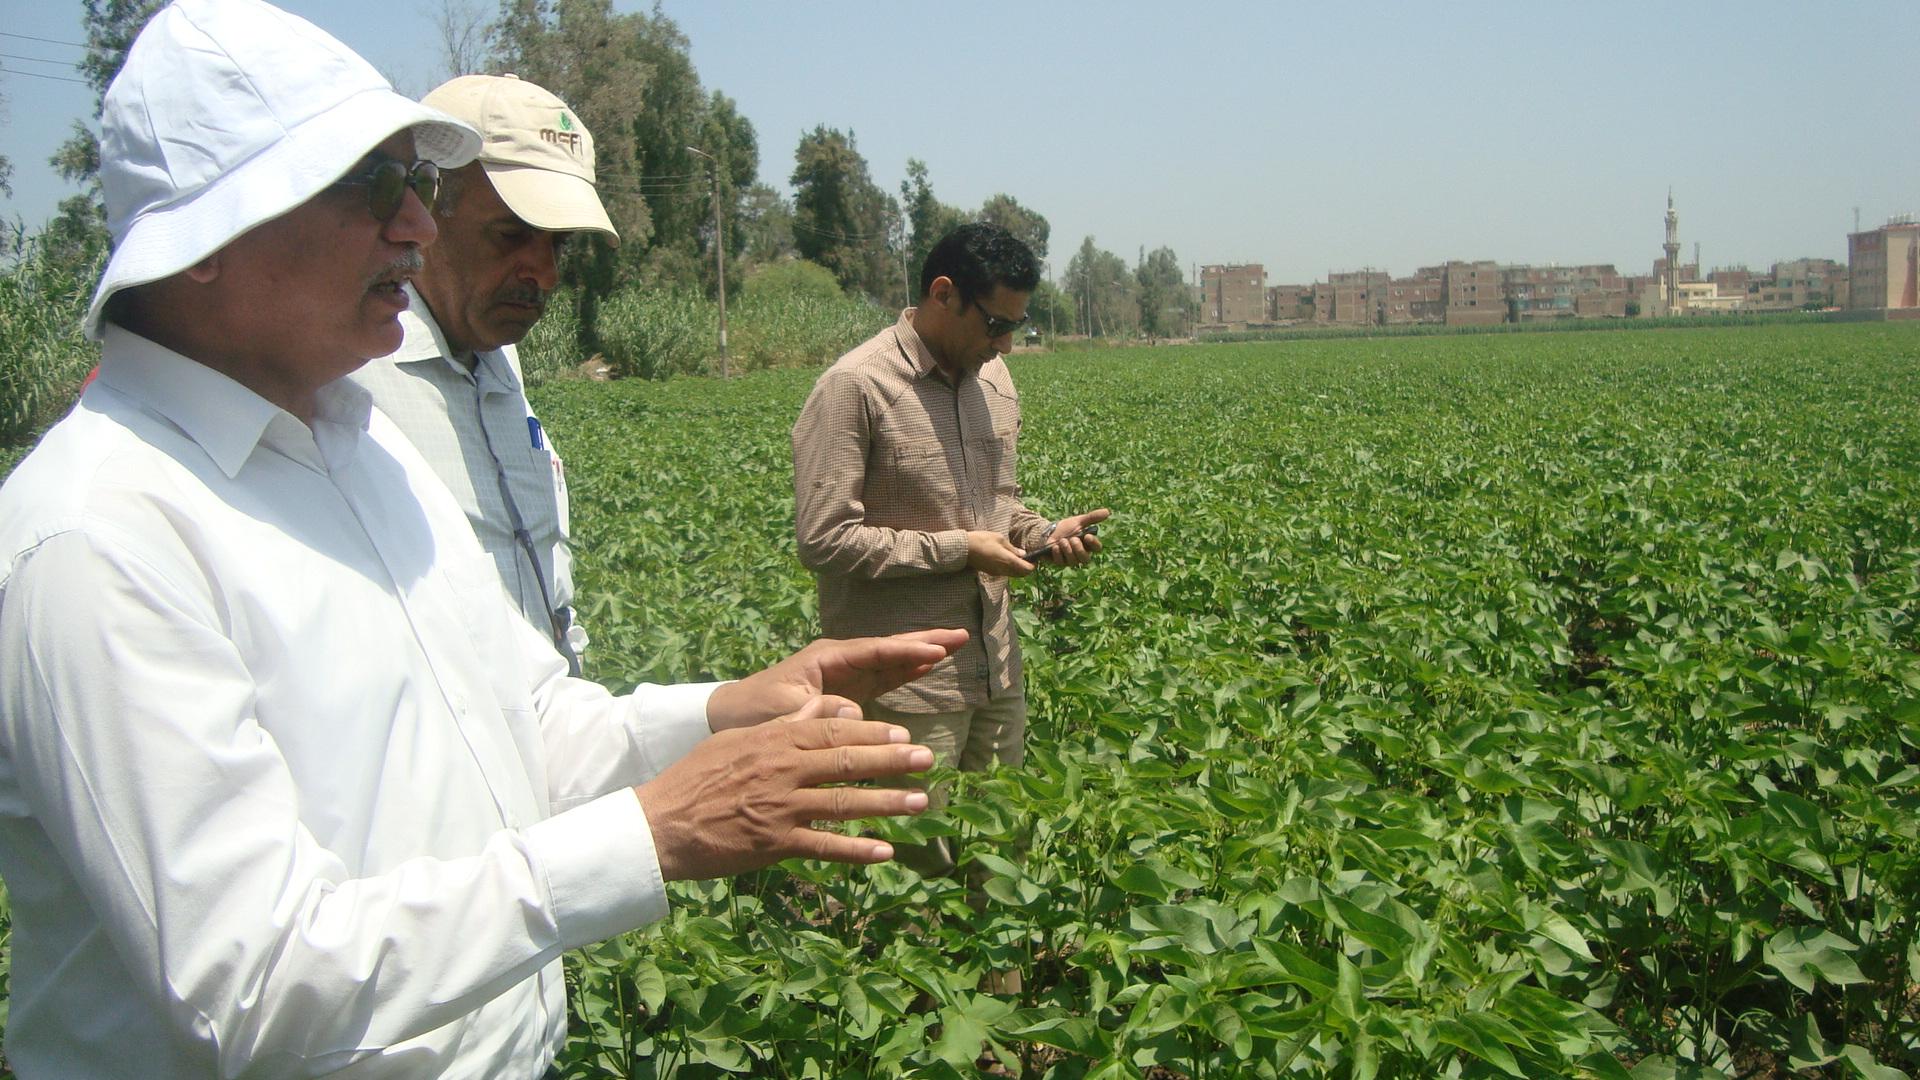 الدكتور عباس الشناوى  رئيس قطاع الخدمات الزراعية   يتفقد محصول القطن